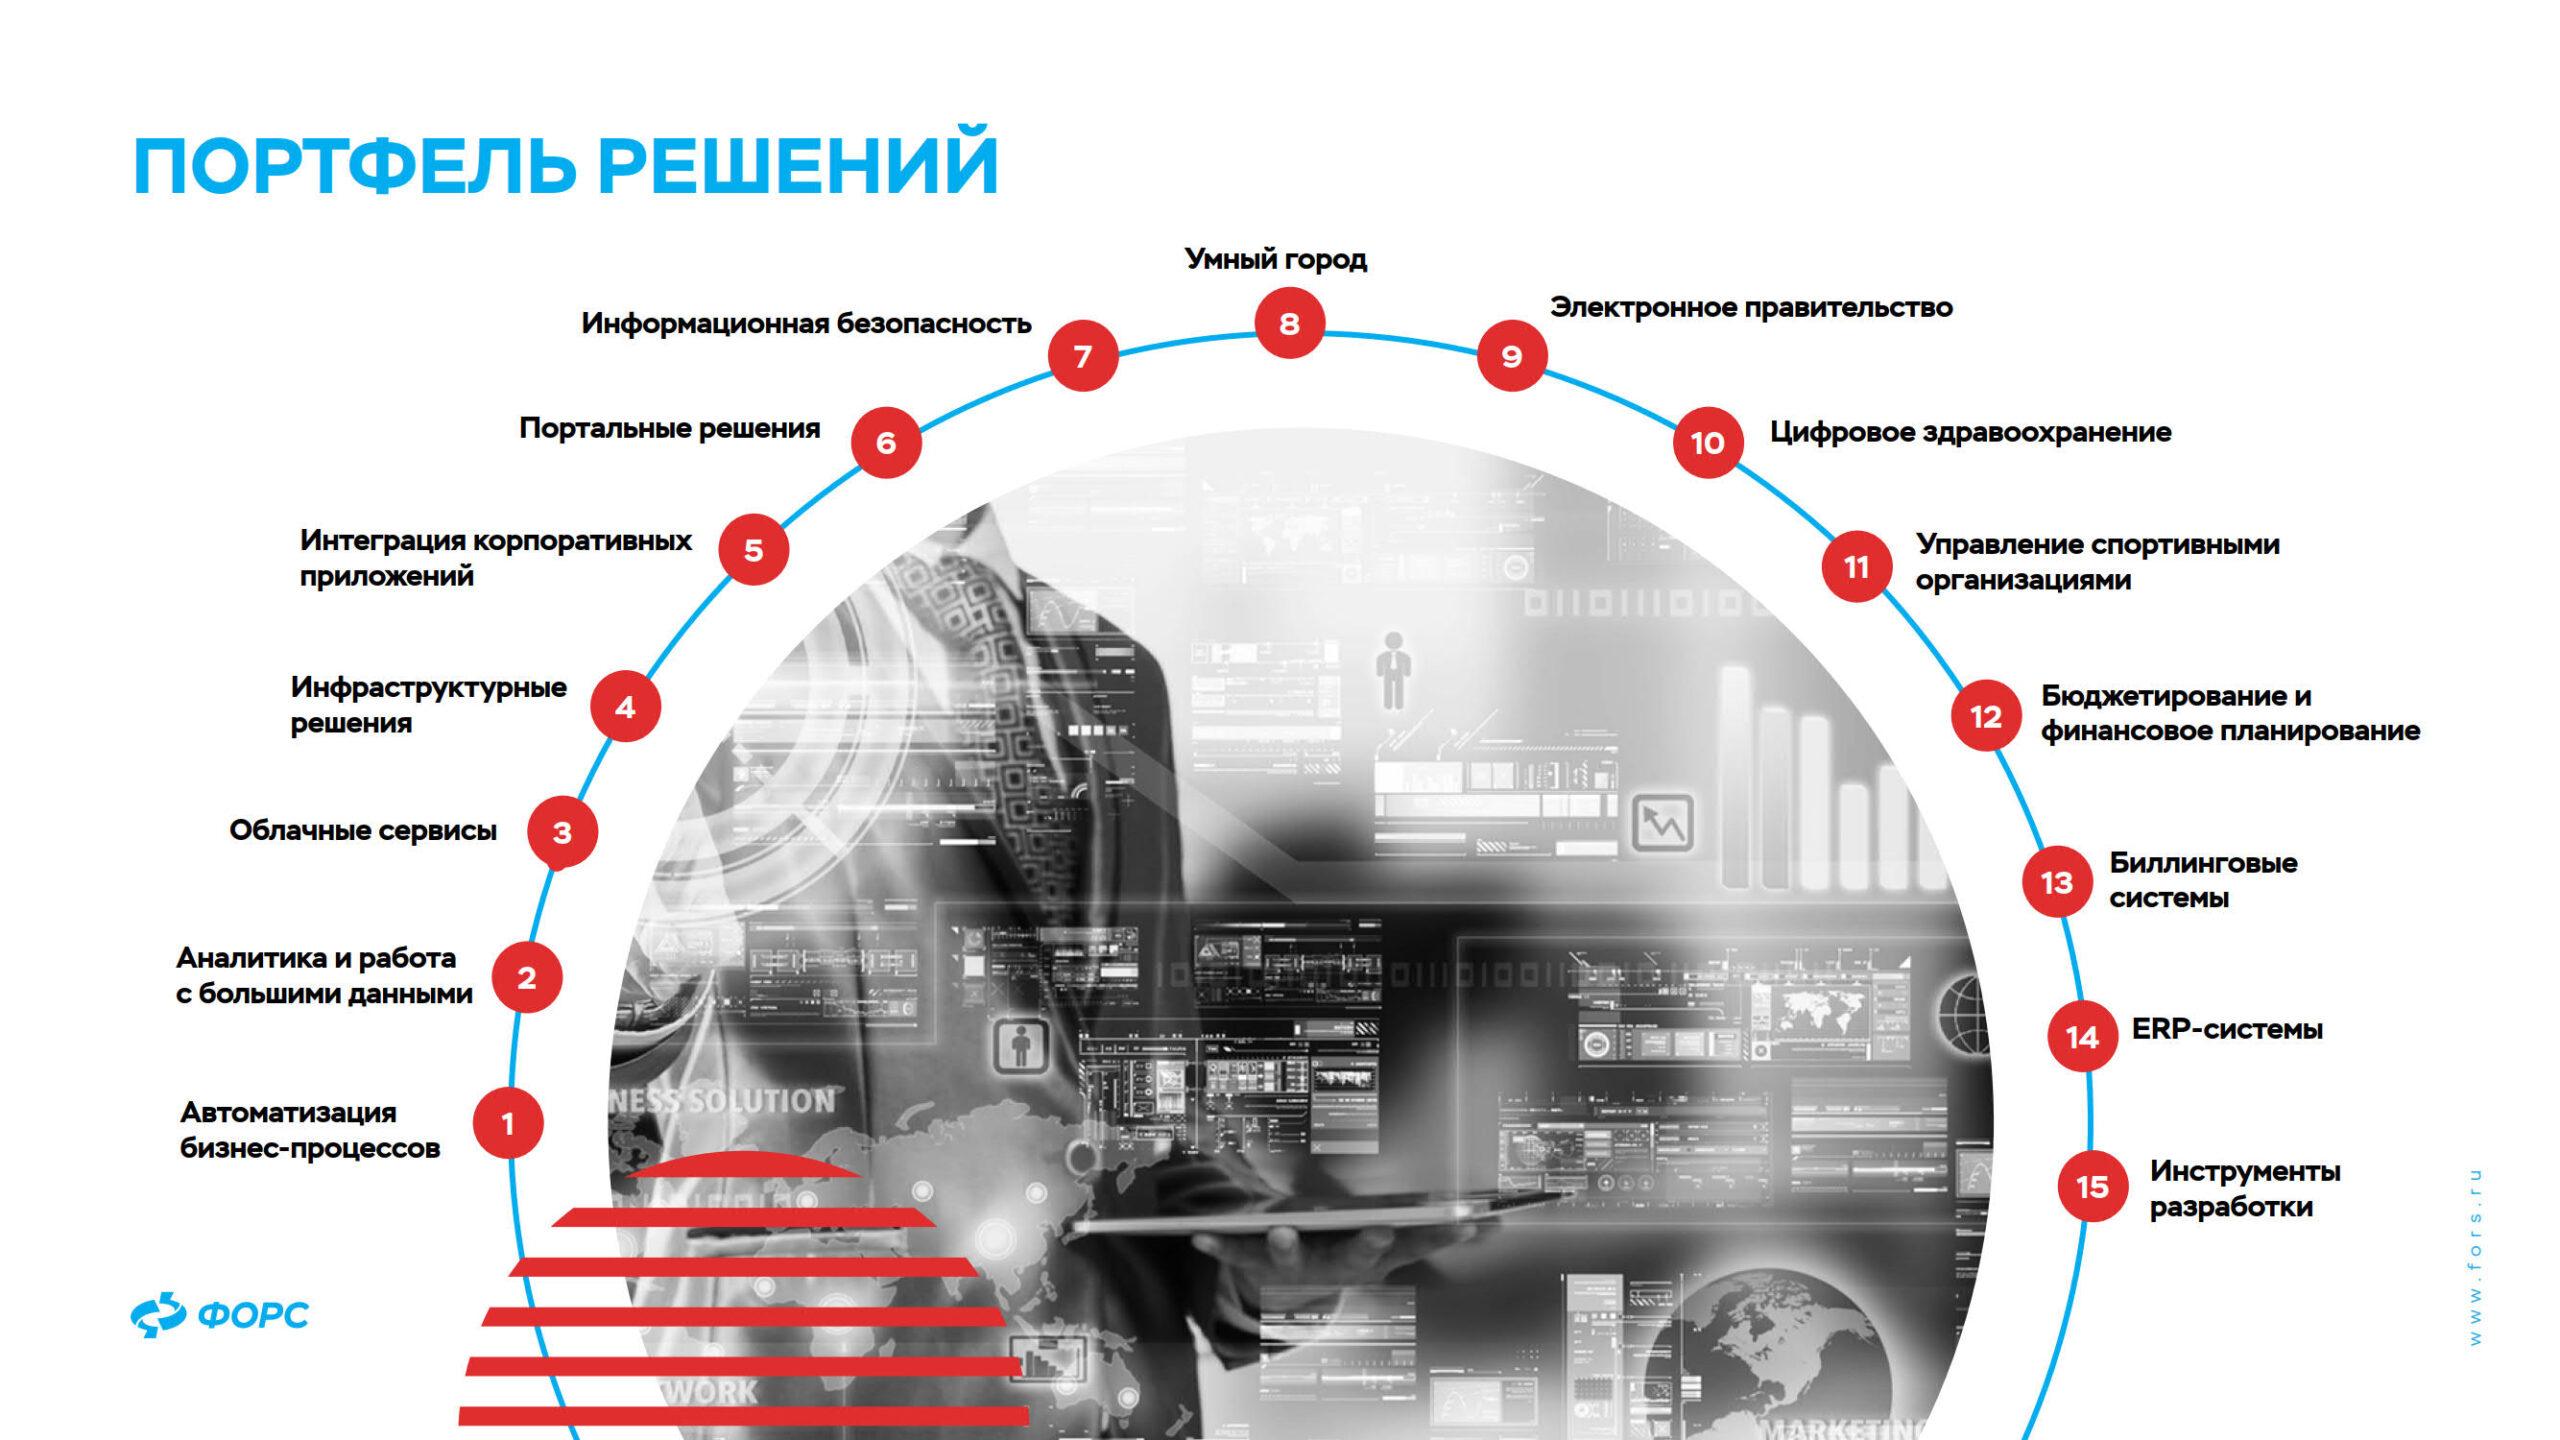 prezentacziya-produktov-dlya-it-infrastruktury-portfel-reshenij